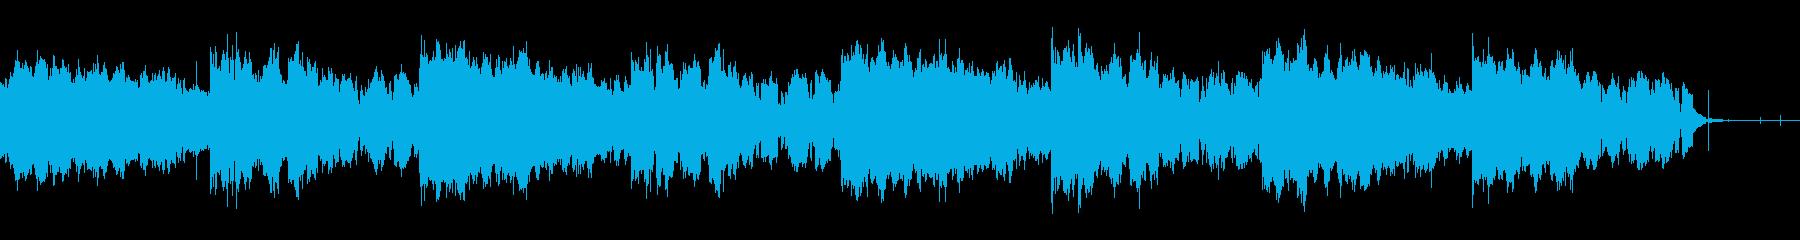 奇妙なホラーアンビエントの再生済みの波形